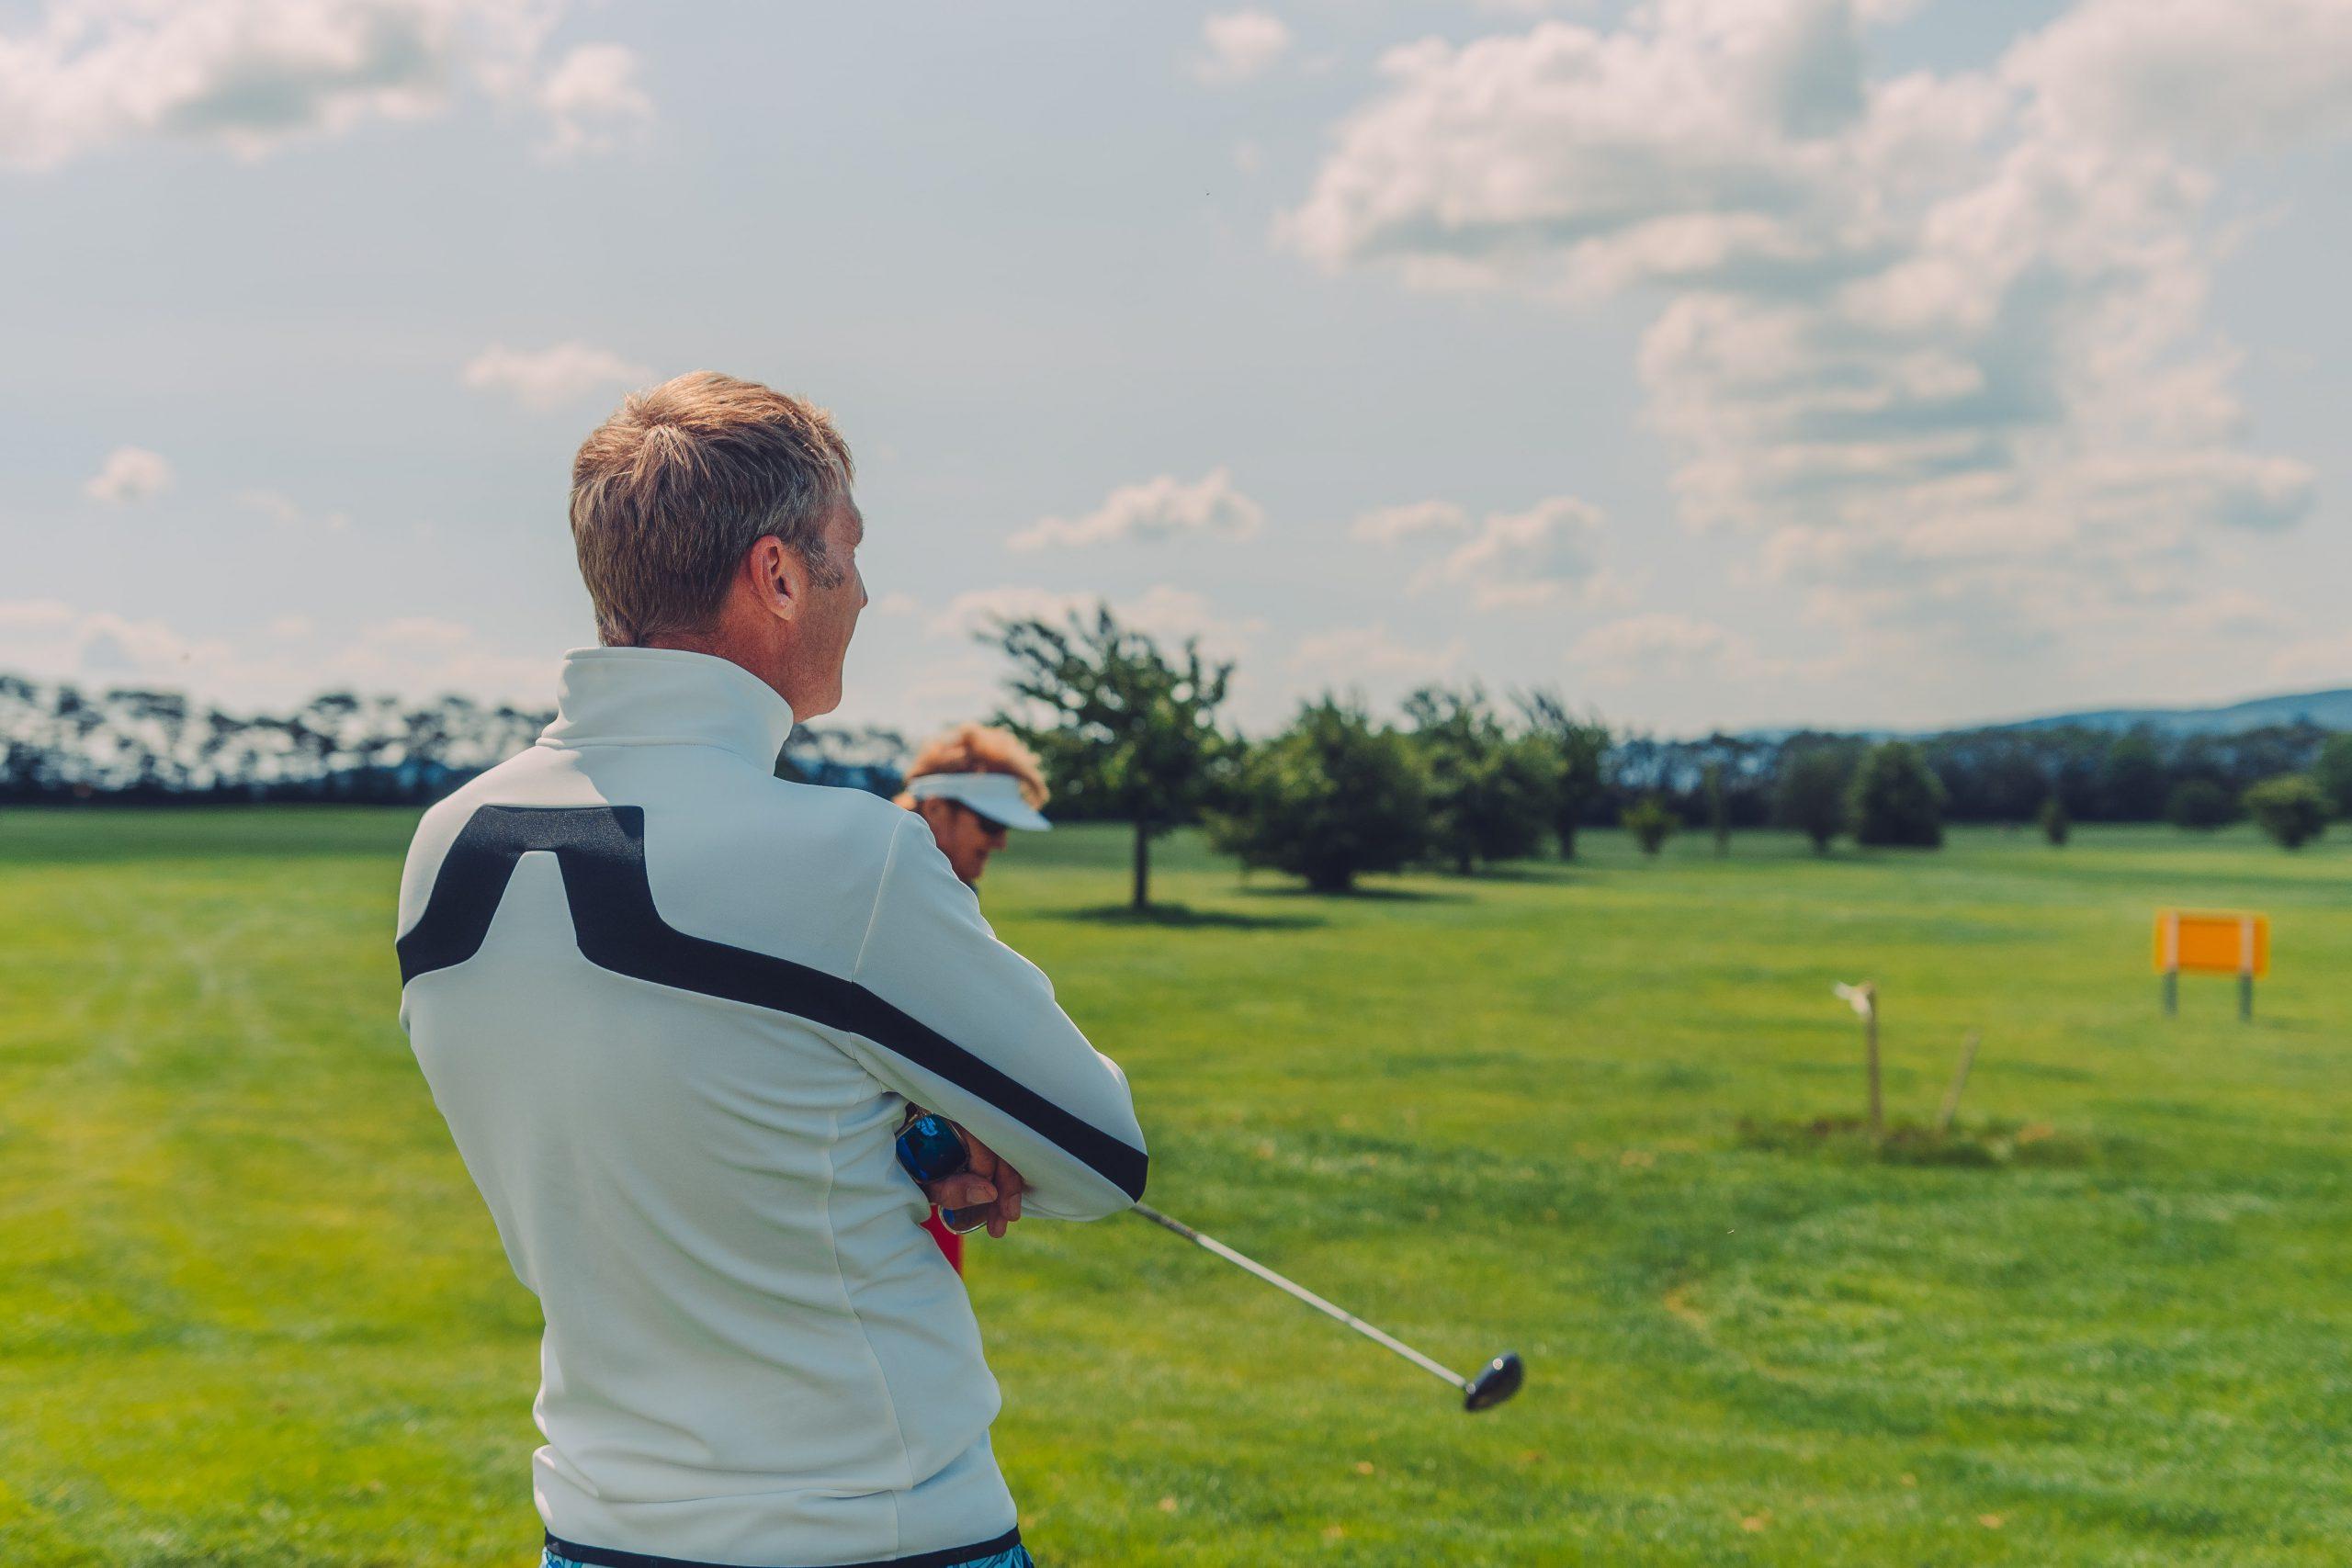 Golfspieler mit Schläger.